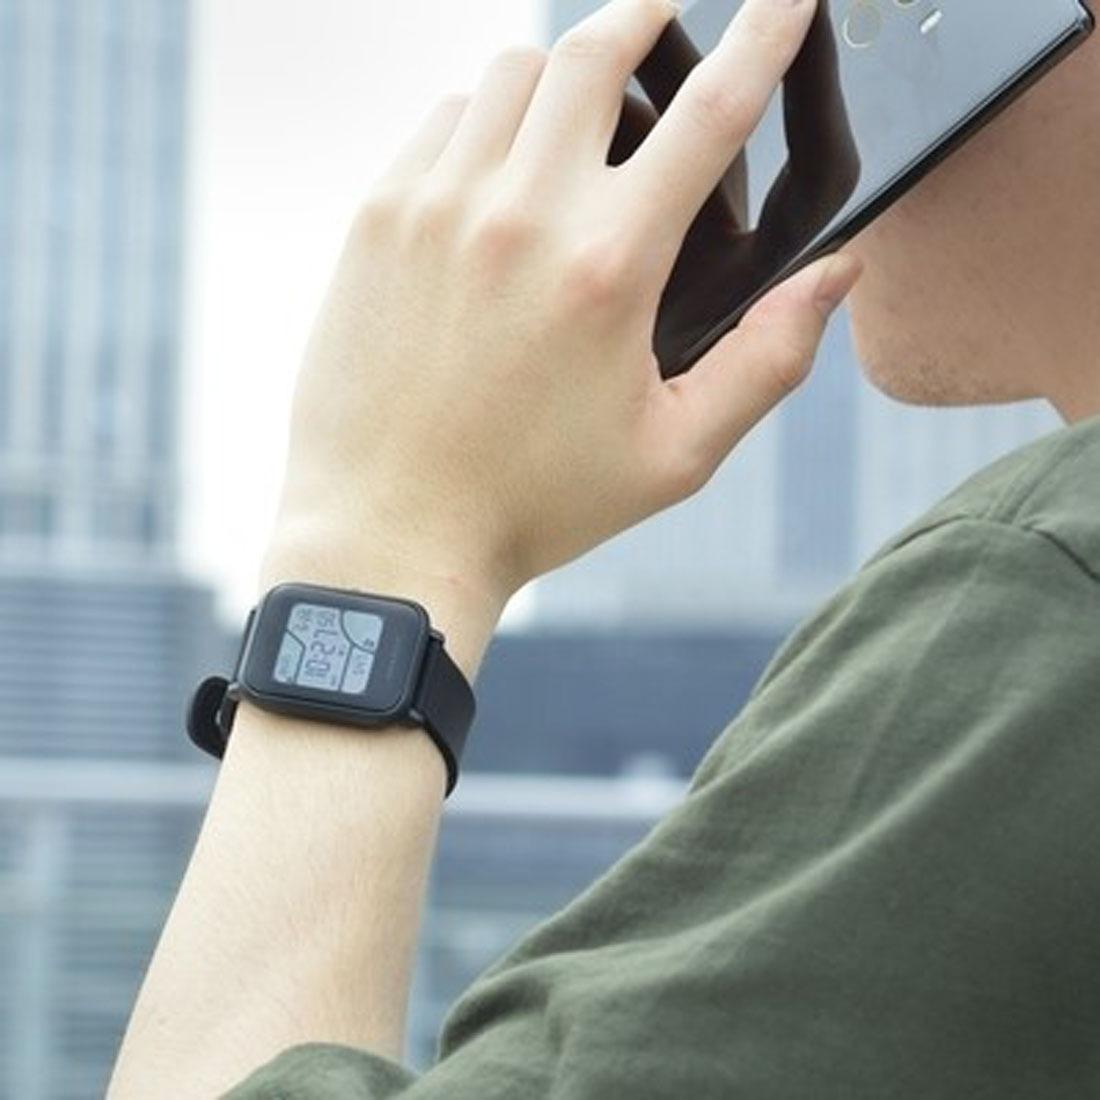 3 Xiaomi Huami Amazfit Bip Version Internacional Smartwatch Cargando Zoom